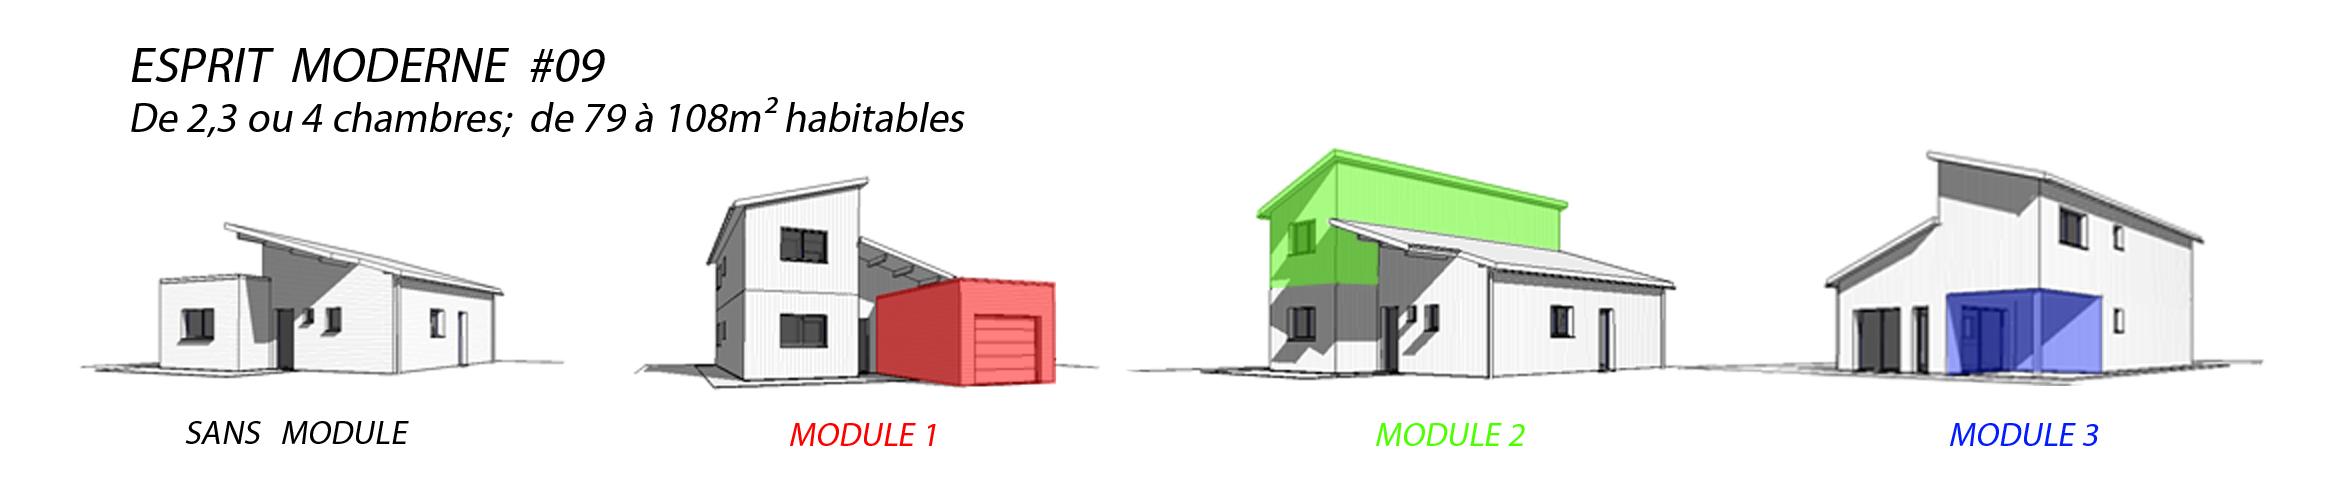 esprit moderne 09 habitat poulingue. Black Bedroom Furniture Sets. Home Design Ideas